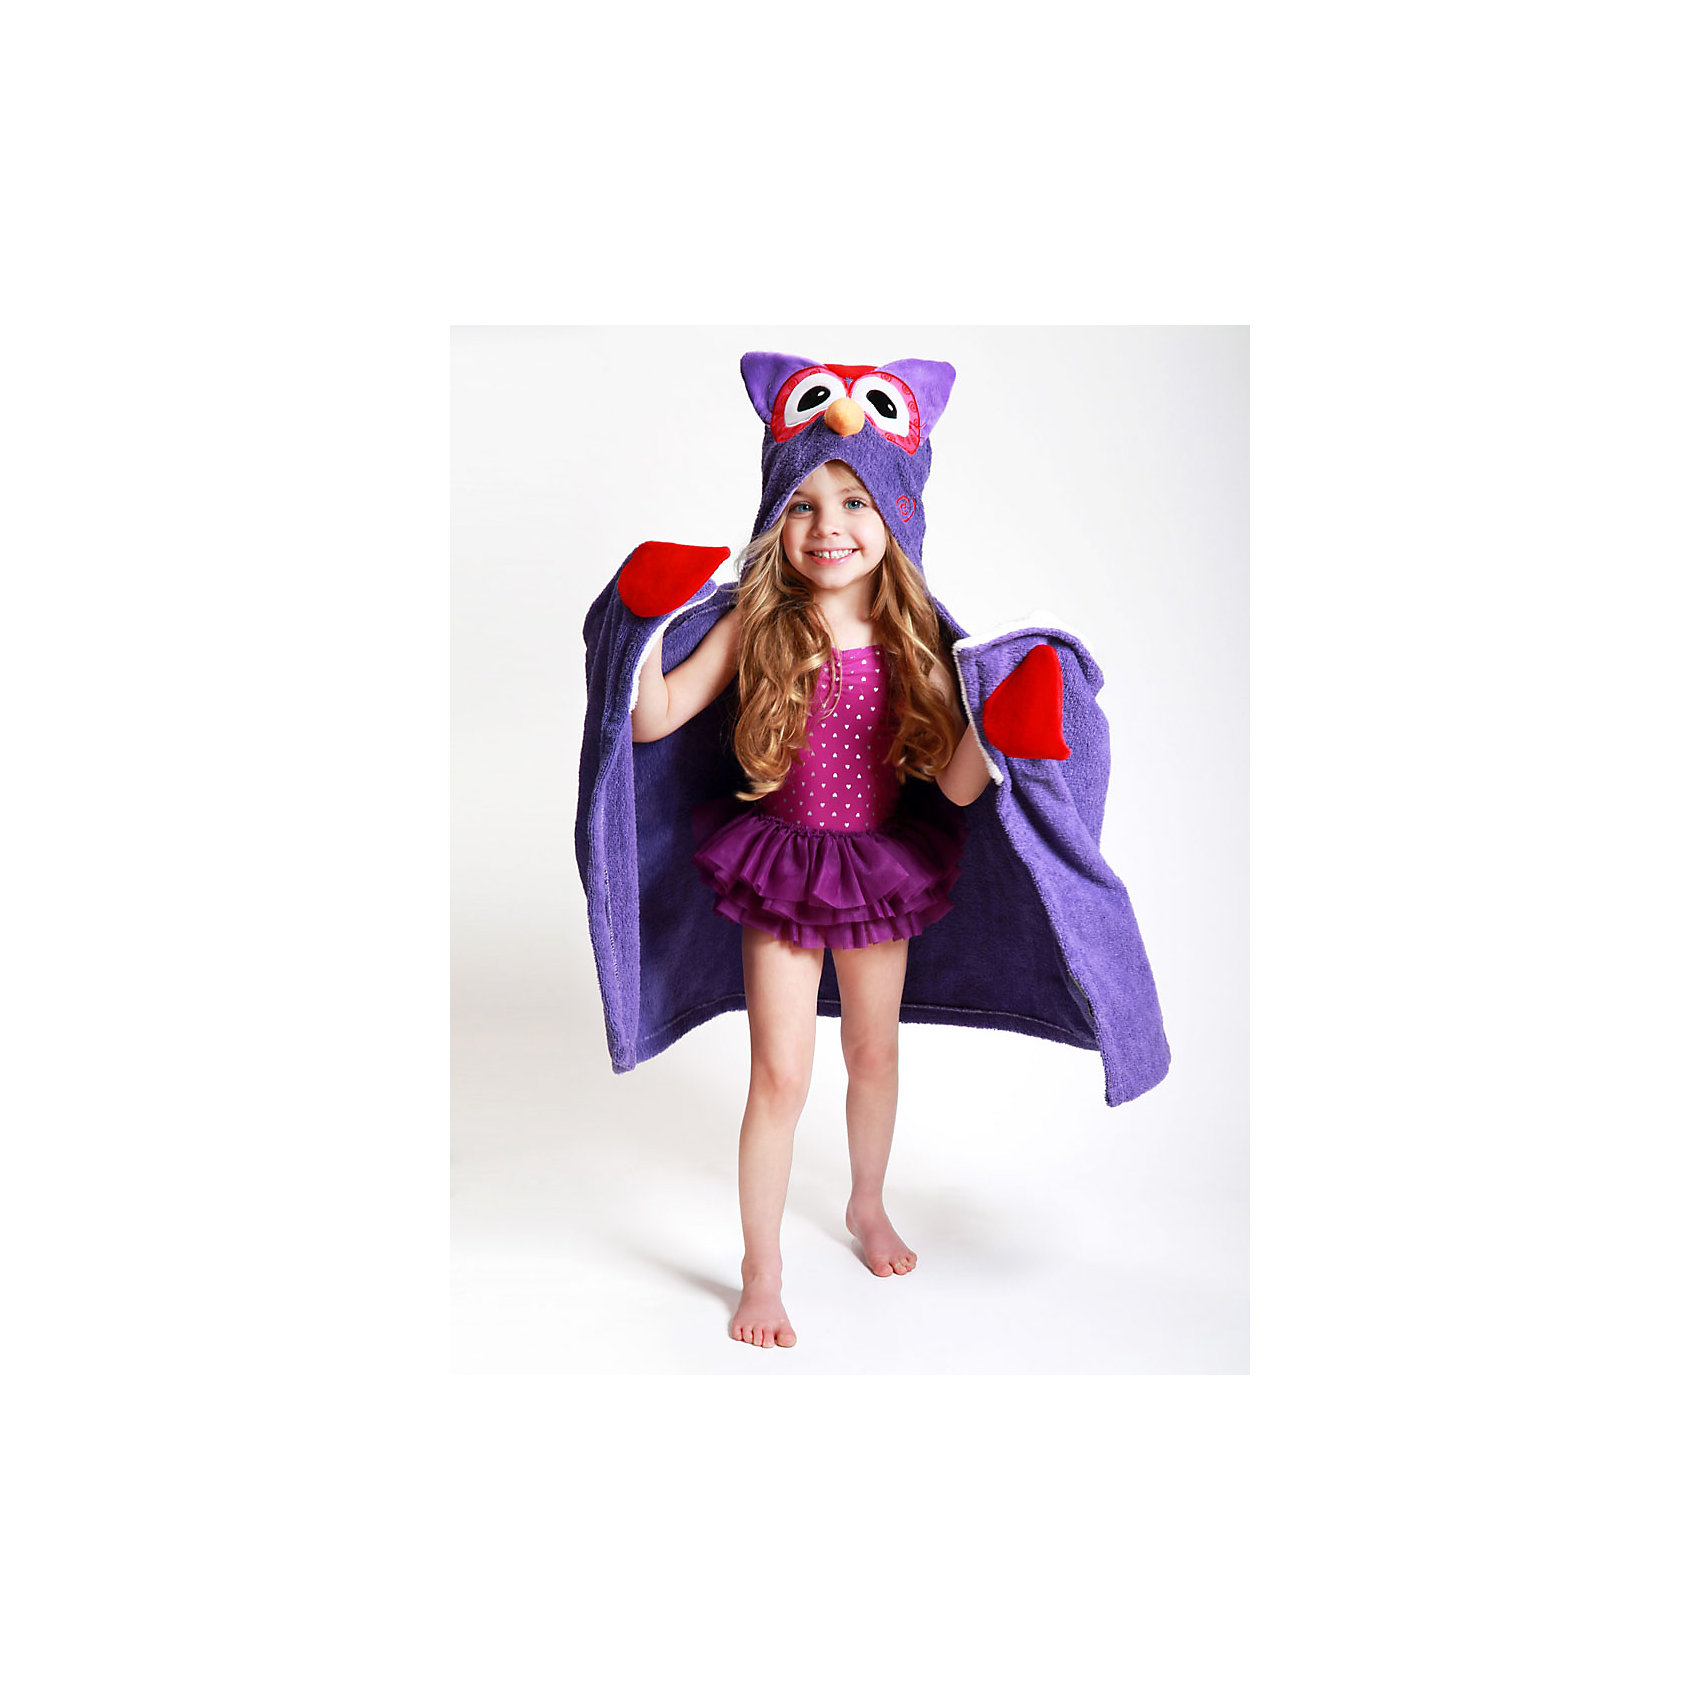 Полотенце с капюшоном Olive the Owl (от 2 лет), ZoocchiniПолотенца<br>Полотенце с капюшоном Olive the Owl (от 2 лет) Сова Оливия от американского бренда Zoocchini (Зукинни) сделает принятие ванны еще уютнее и приятнее. Специалисты из США и Канады, объединенные любовью к животным, создали компанию с товарами для детей в виде зверей. Большое хлопковое полотенце прекрасно впитывает влагу, а забавный капюшон с качественно вышитой совой защищает от сквозняков. По краям имеются дополнительные уголки для рук в виде крыльев, превращая полотенце почти в костюм, отличный повод для веселого маскарада! Приятный оранжевый цвет и дизайн придут по вкусу всей семье. Отлично подходит деткам от двух лет. <br>Дополнительная информация:<br><br>- Состав: 100% хлопок<br>- Размер: 127 * 55 см.<br>Полотенце с капюшоном Olive the Owl (от 2 лет) Сова Оливия, Zoocchini (Зукини) можно купить в нашем интернет-магазине.<br>Подробнее:<br>• Для детей в возрасте: от 2 лет<br>• Номер товара: 4976031<br>Страна производитель: Китай<br><br>Ширина мм: 305<br>Глубина мм: 50<br>Высота мм: 305<br>Вес г: 594<br>Возраст от месяцев: 24<br>Возраст до месяцев: 72<br>Пол: Унисекс<br>Возраст: Детский<br>SKU: 4976031